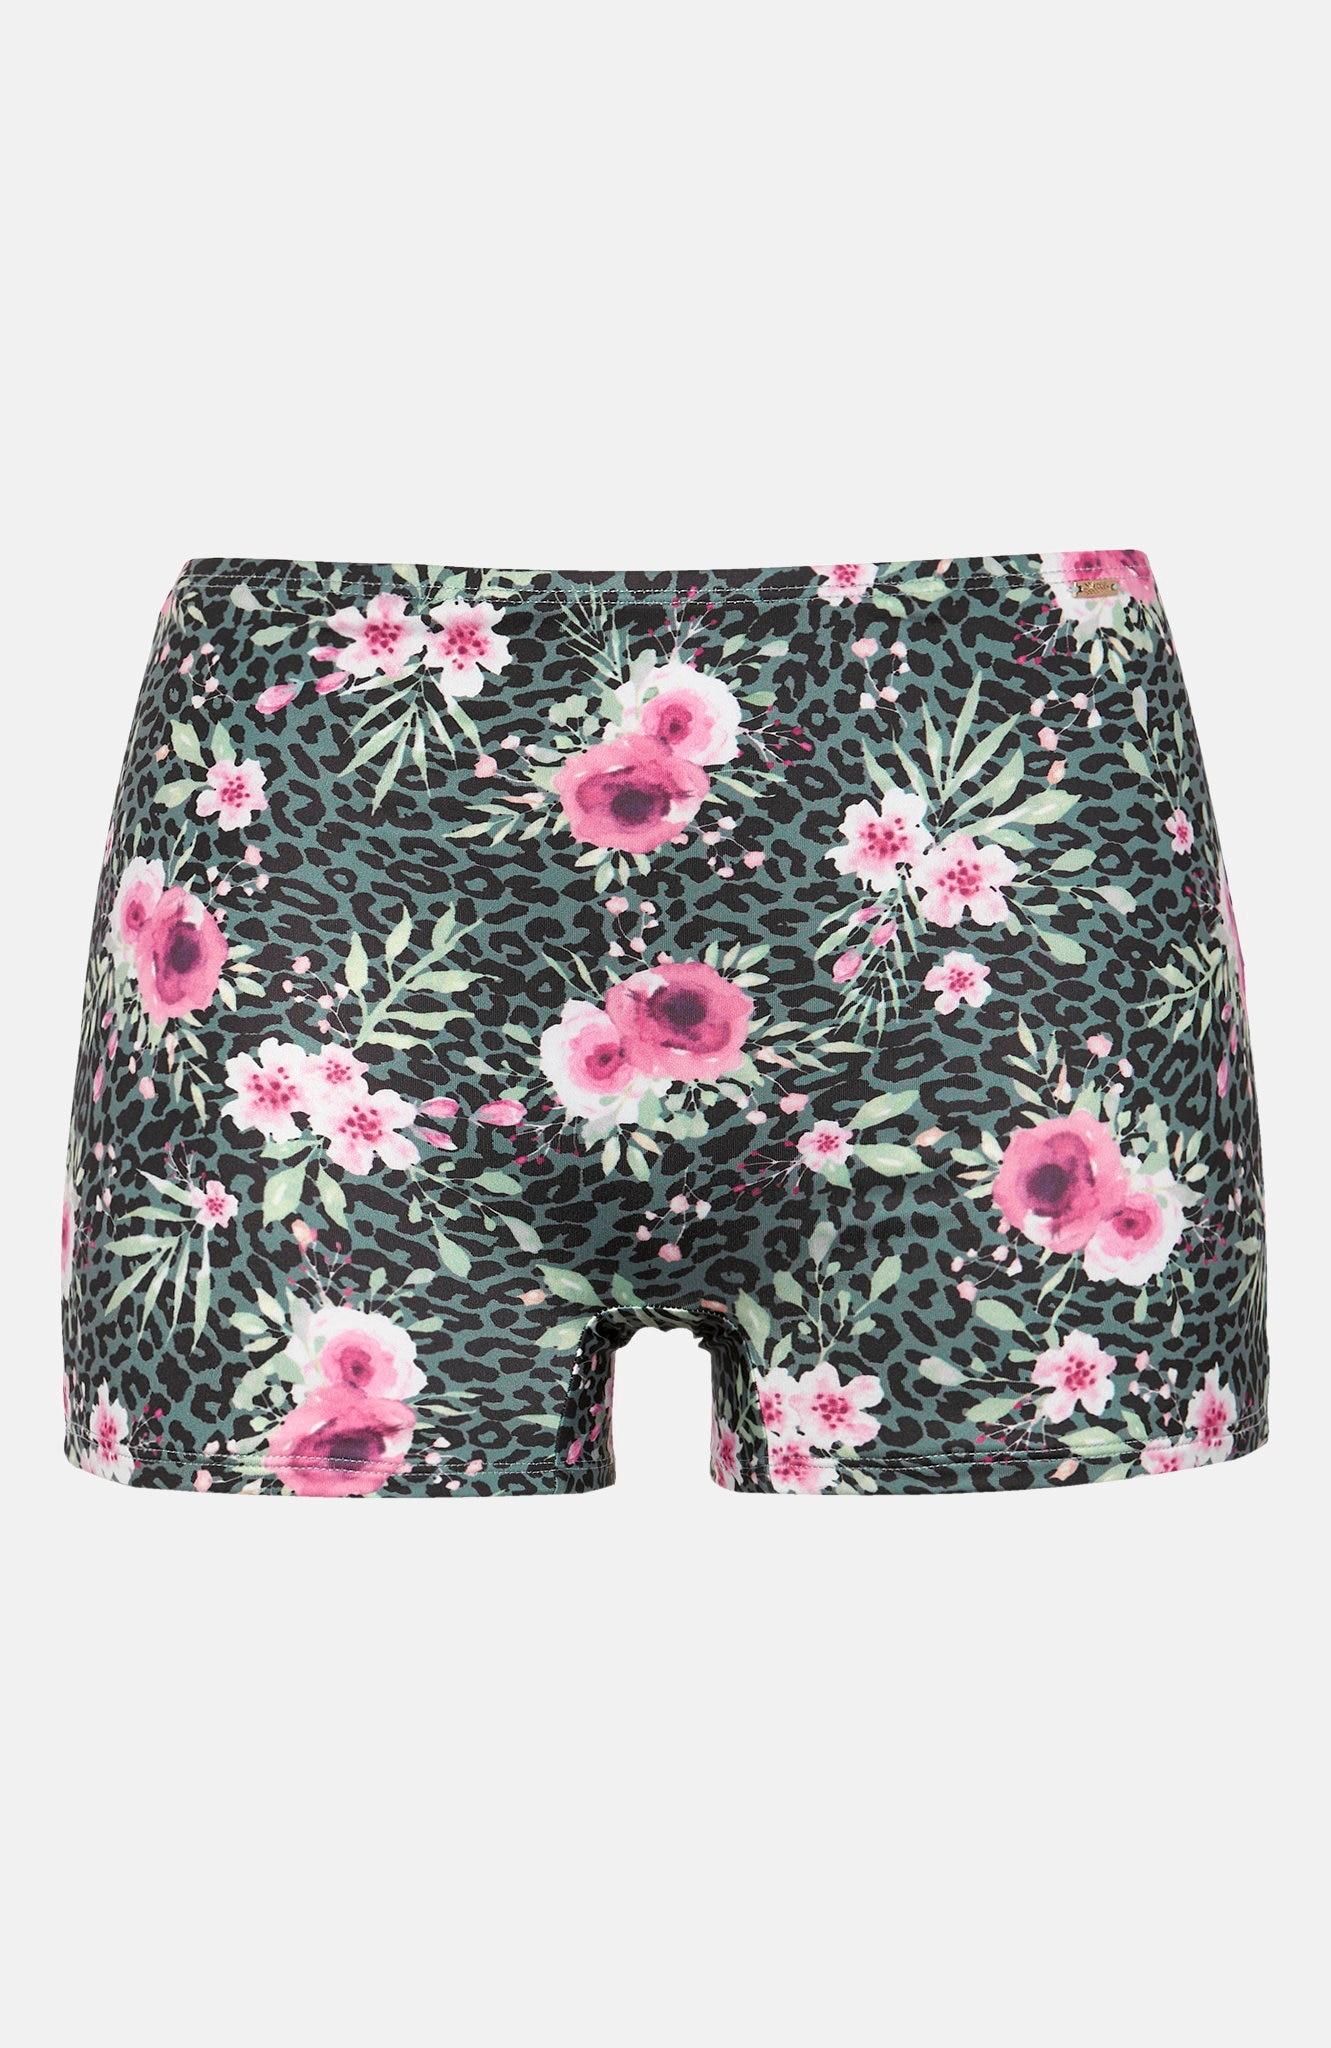 Blomstrete bikinitruse bokser